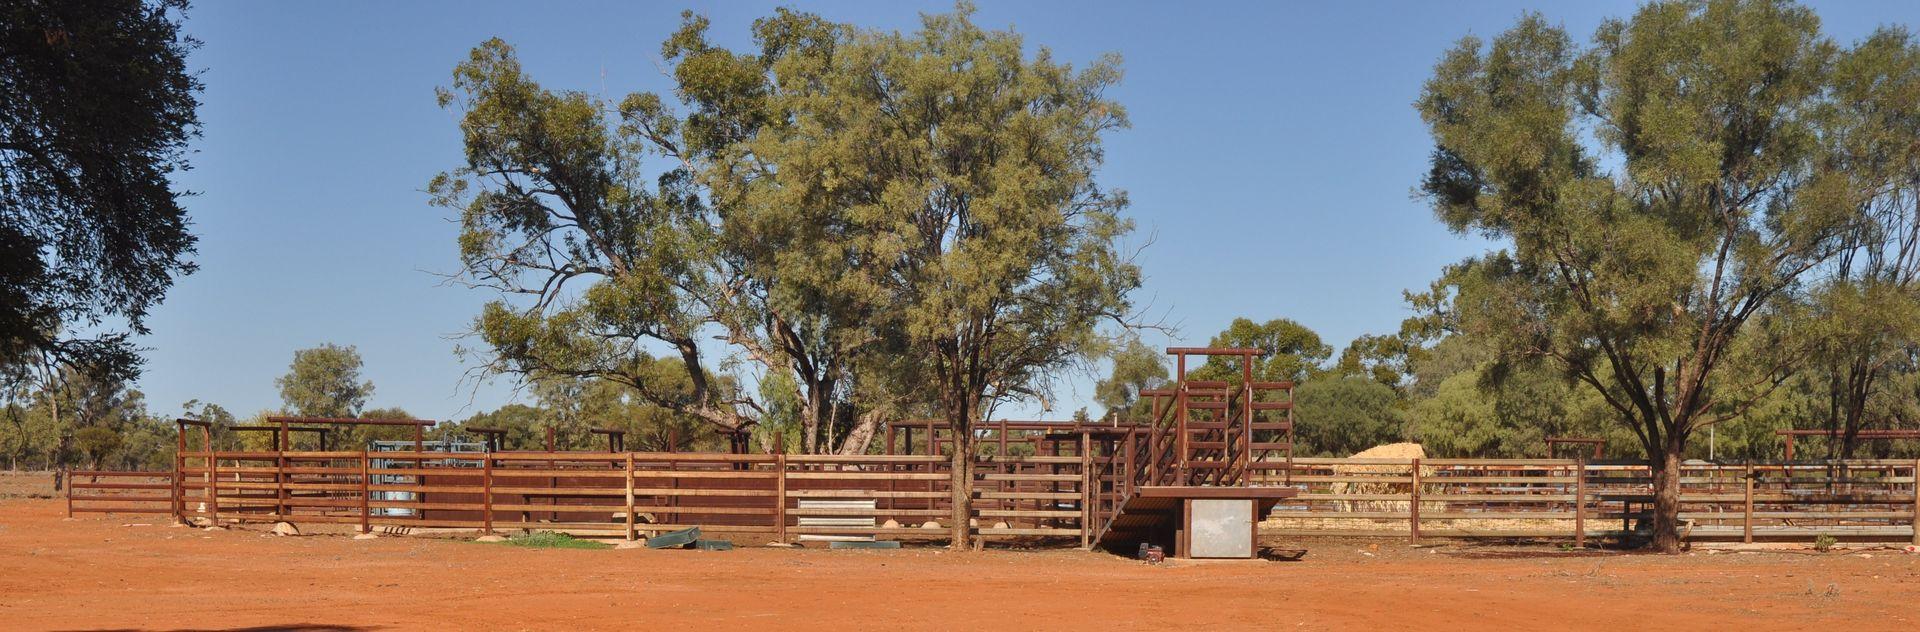 . BLUE RIBBON SHEEP COUNTRY -, Cunnamulla QLD 4490, Image 2